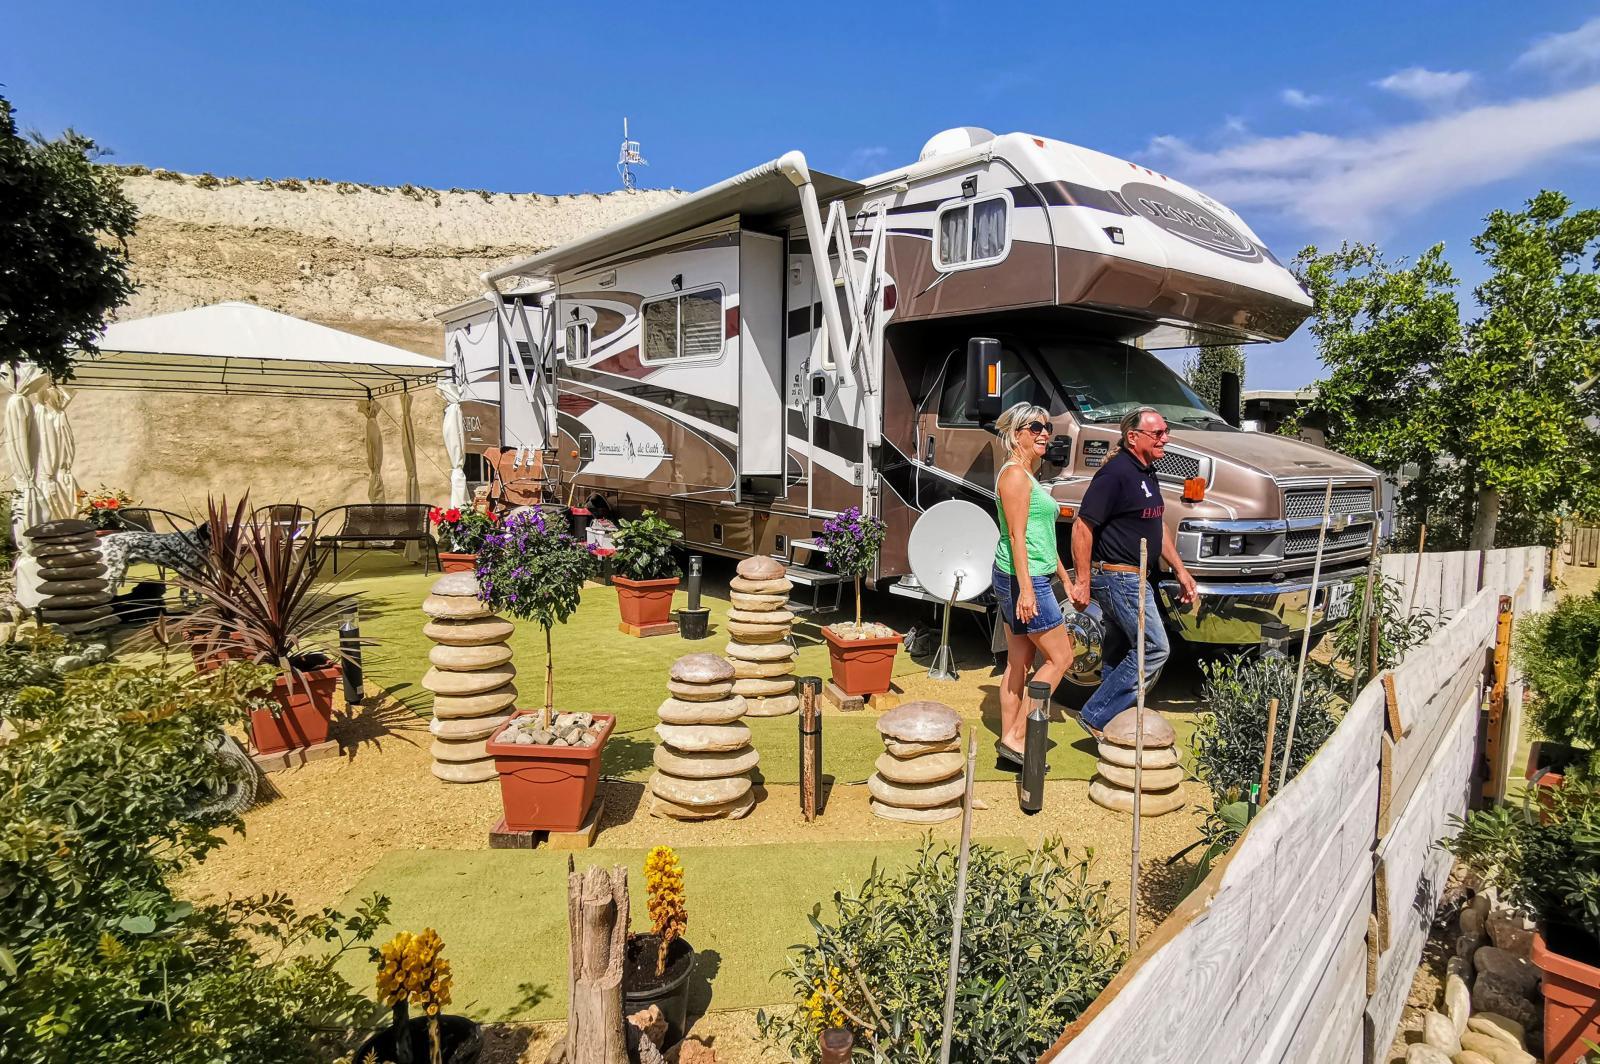 Långtidsplats i dubbel storlek utan tillägg. När man inte bor där kostar platsen 50 euro per månad = billig uppställning! Både husbilar och husvagnar är välkomna.